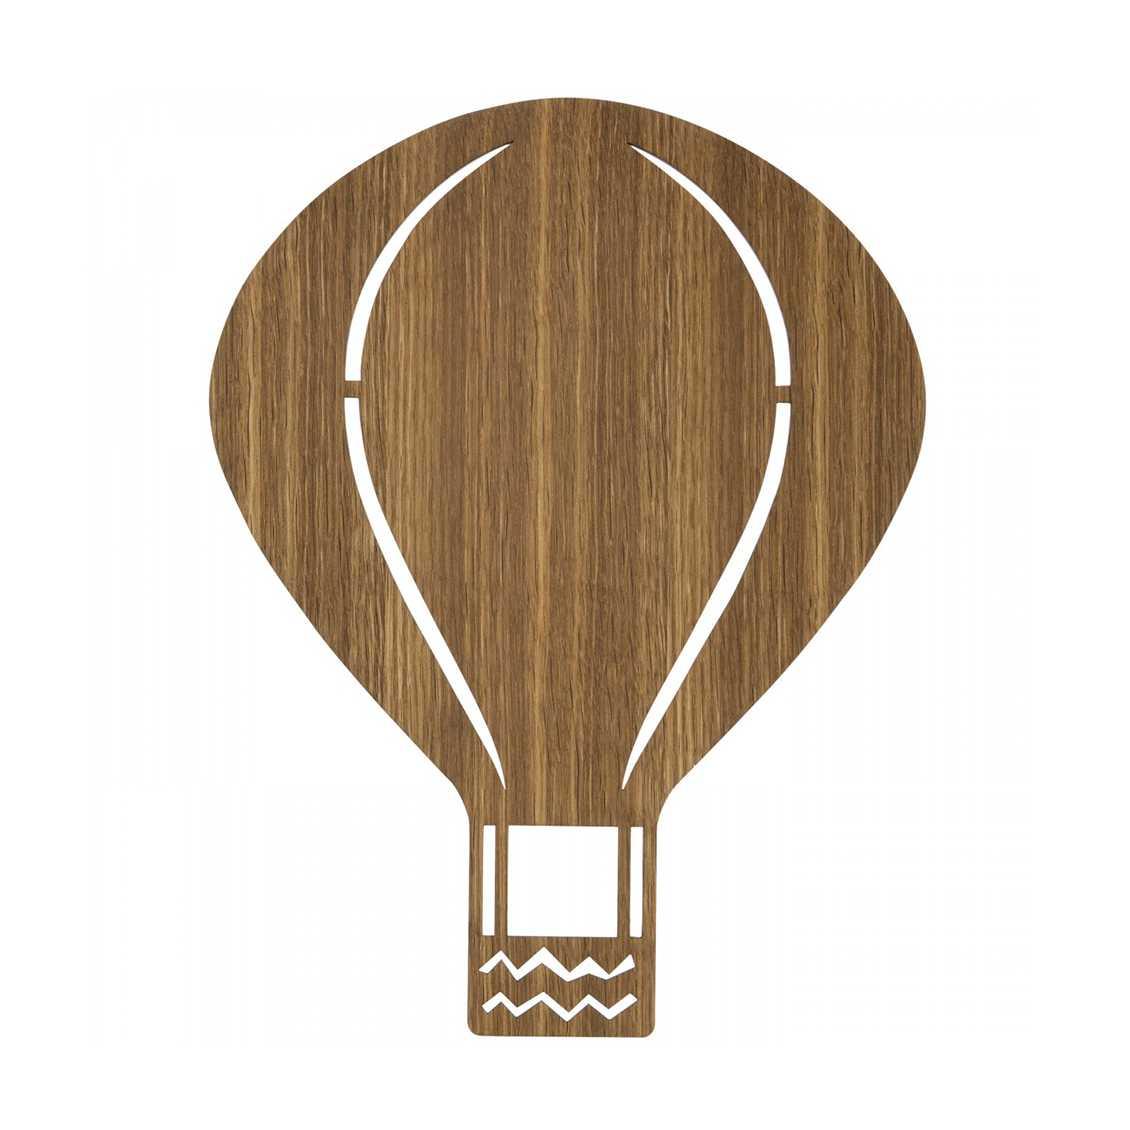 ferm living luchtballon lamp eiken 3229 1 - 5 leuke design kraamcadeaus die je altijd kan gebruiken